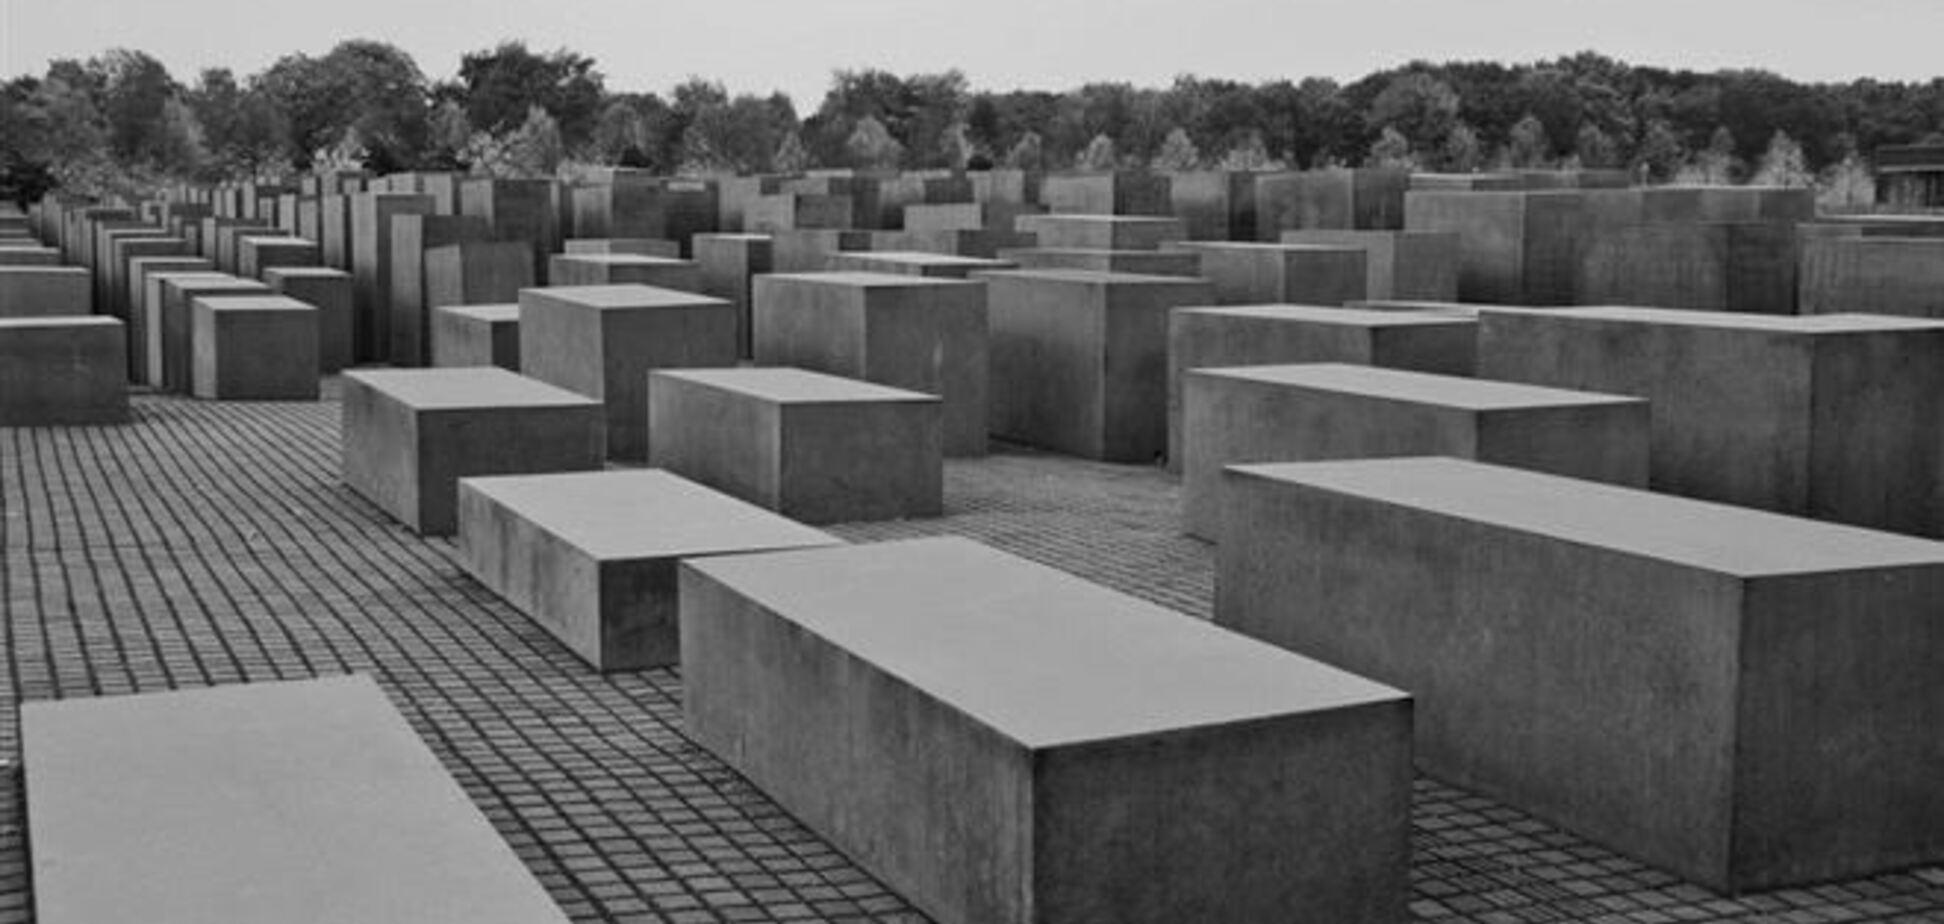 П'яний німець осквернив меморіал жертвам Голокосту в Берліні